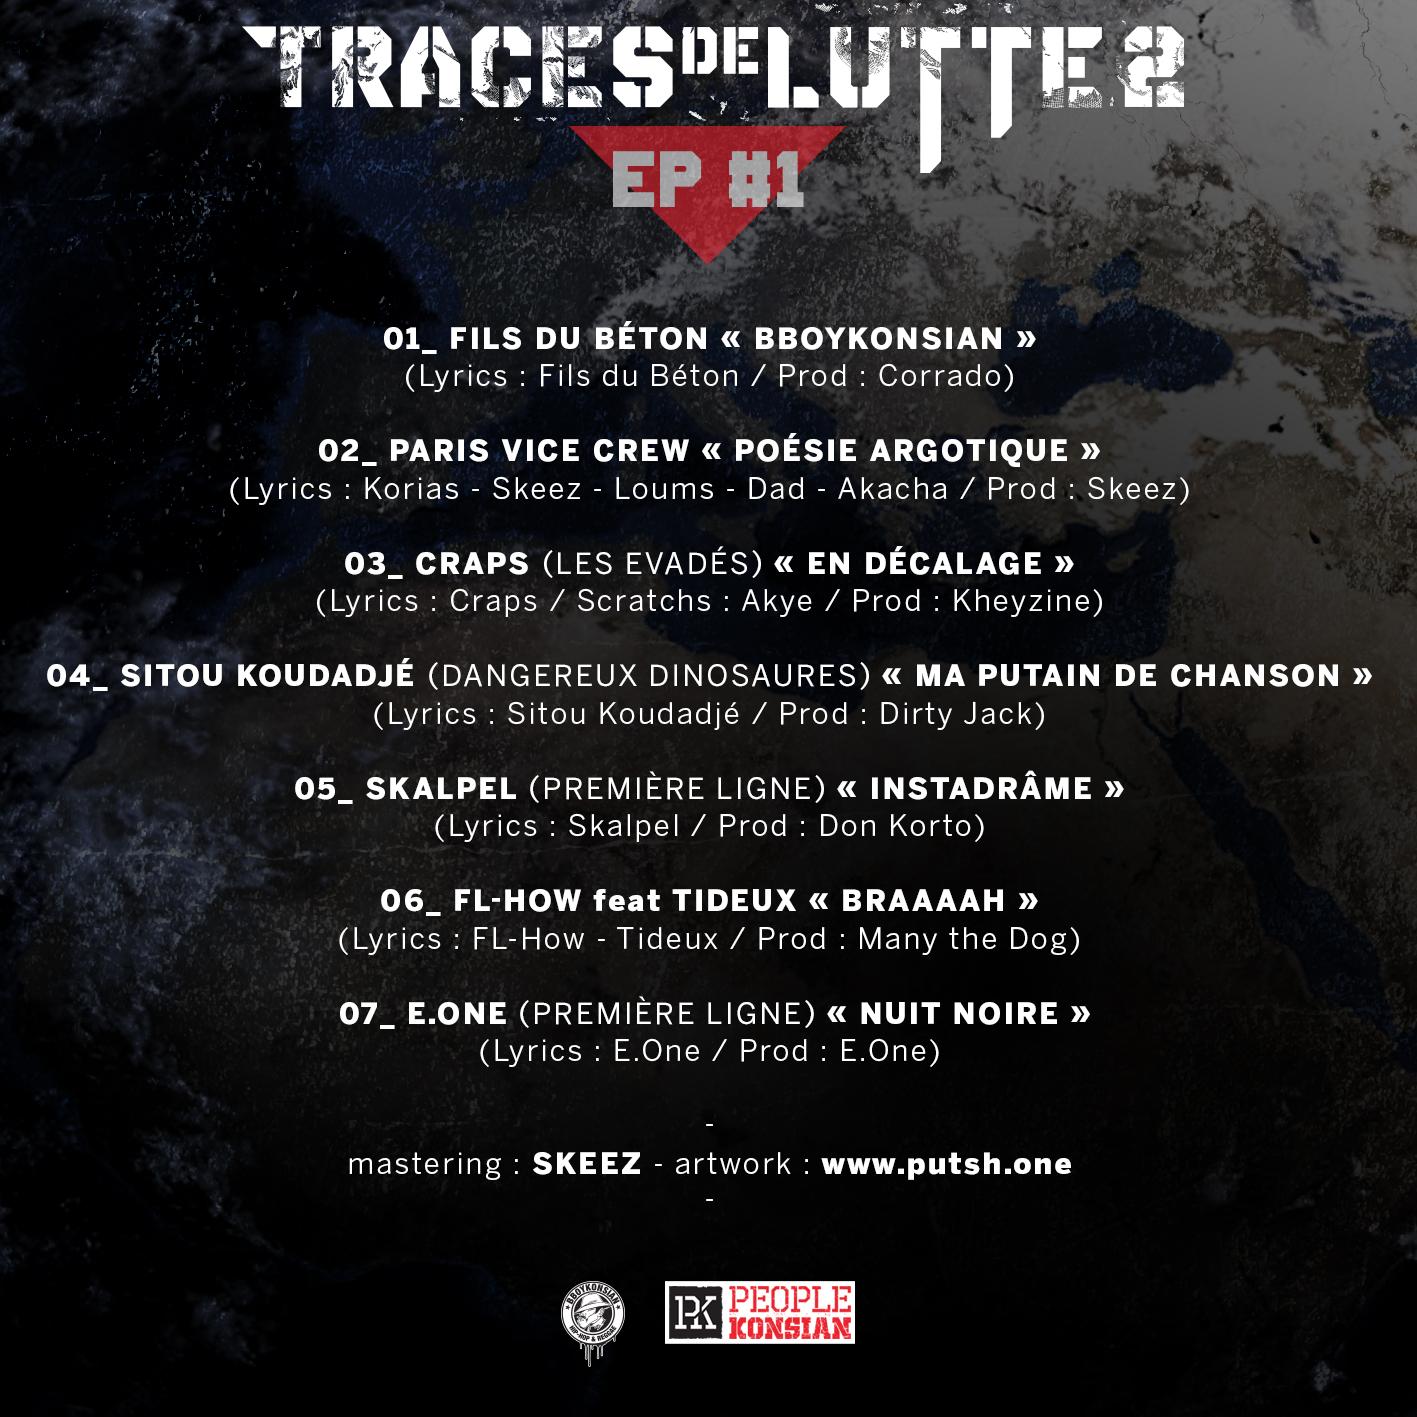 """""""Traces de lutte 2 - EP #1"""" disponible en Digital le mardi 10 septembre 2019"""